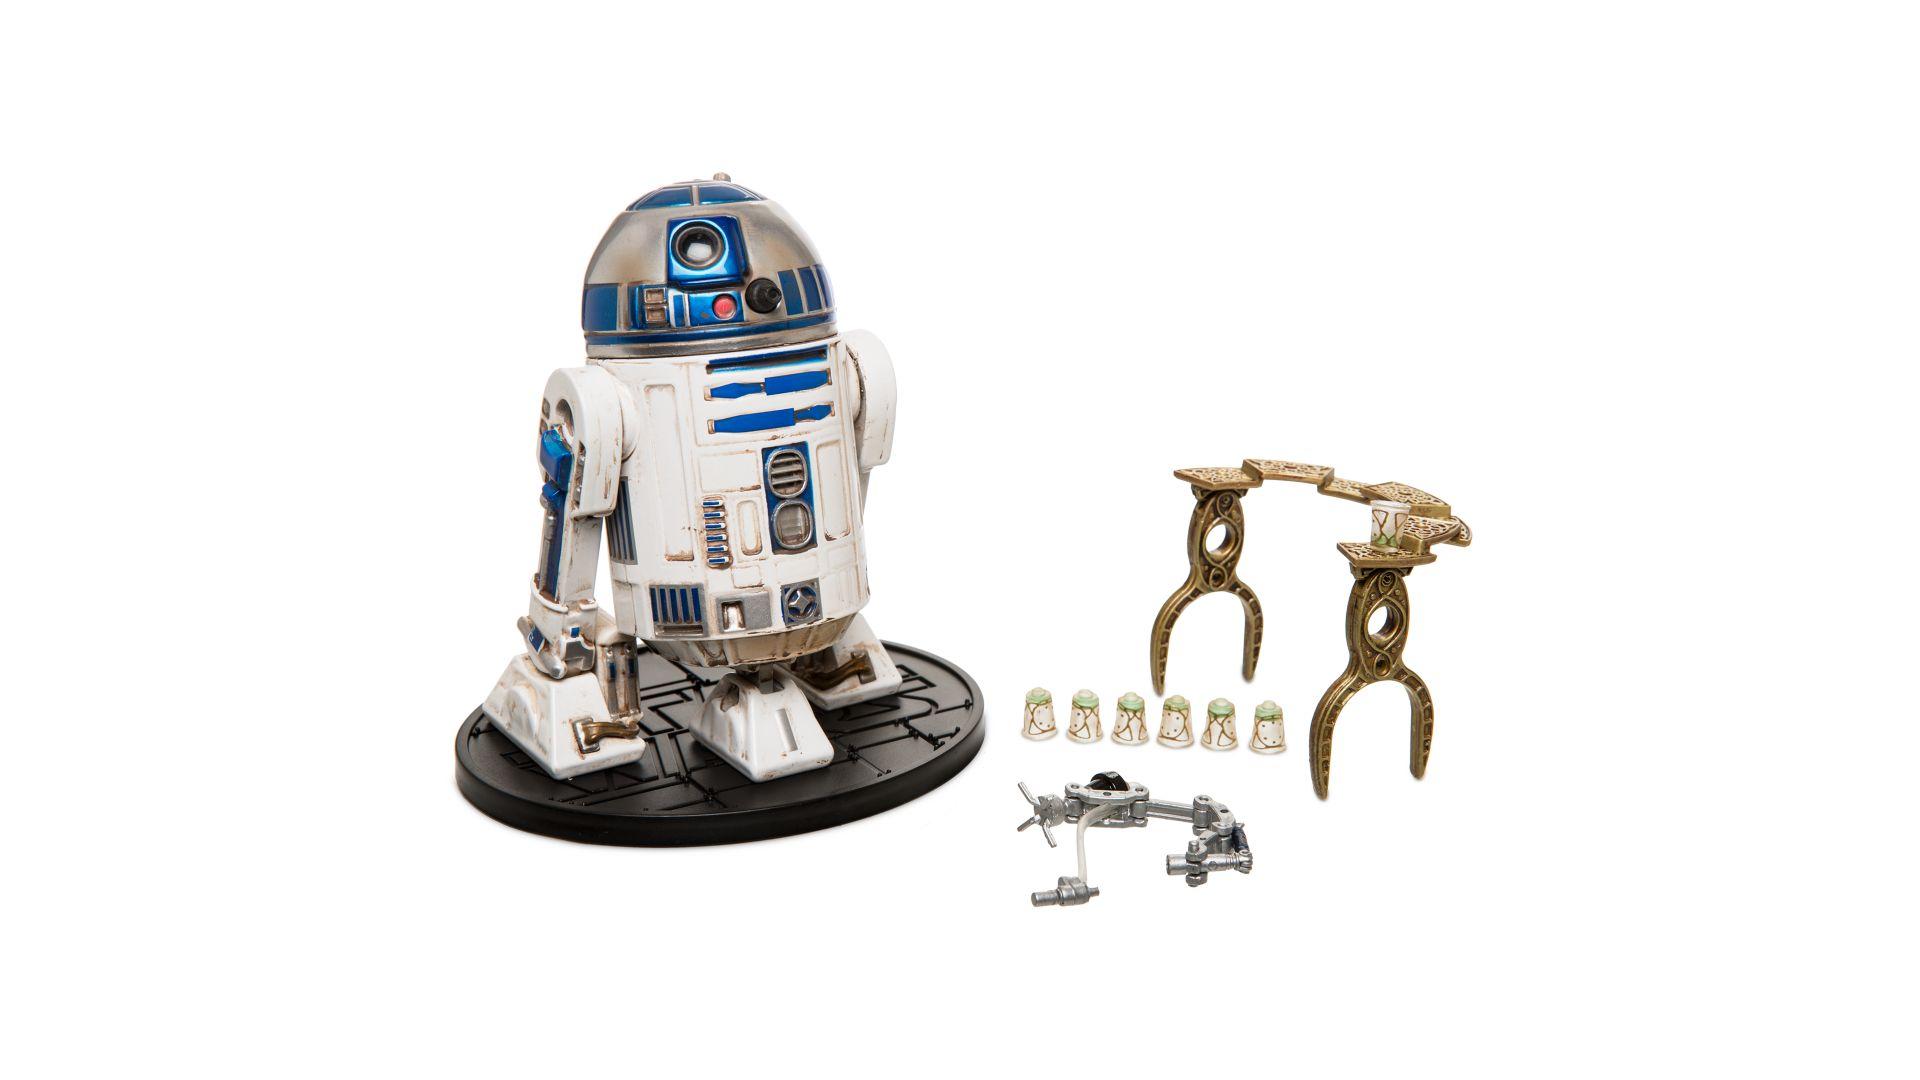 Disney Store Announces New Star Wars Die-Cast Elite Series, Droids & The Black Series 6″ Figures